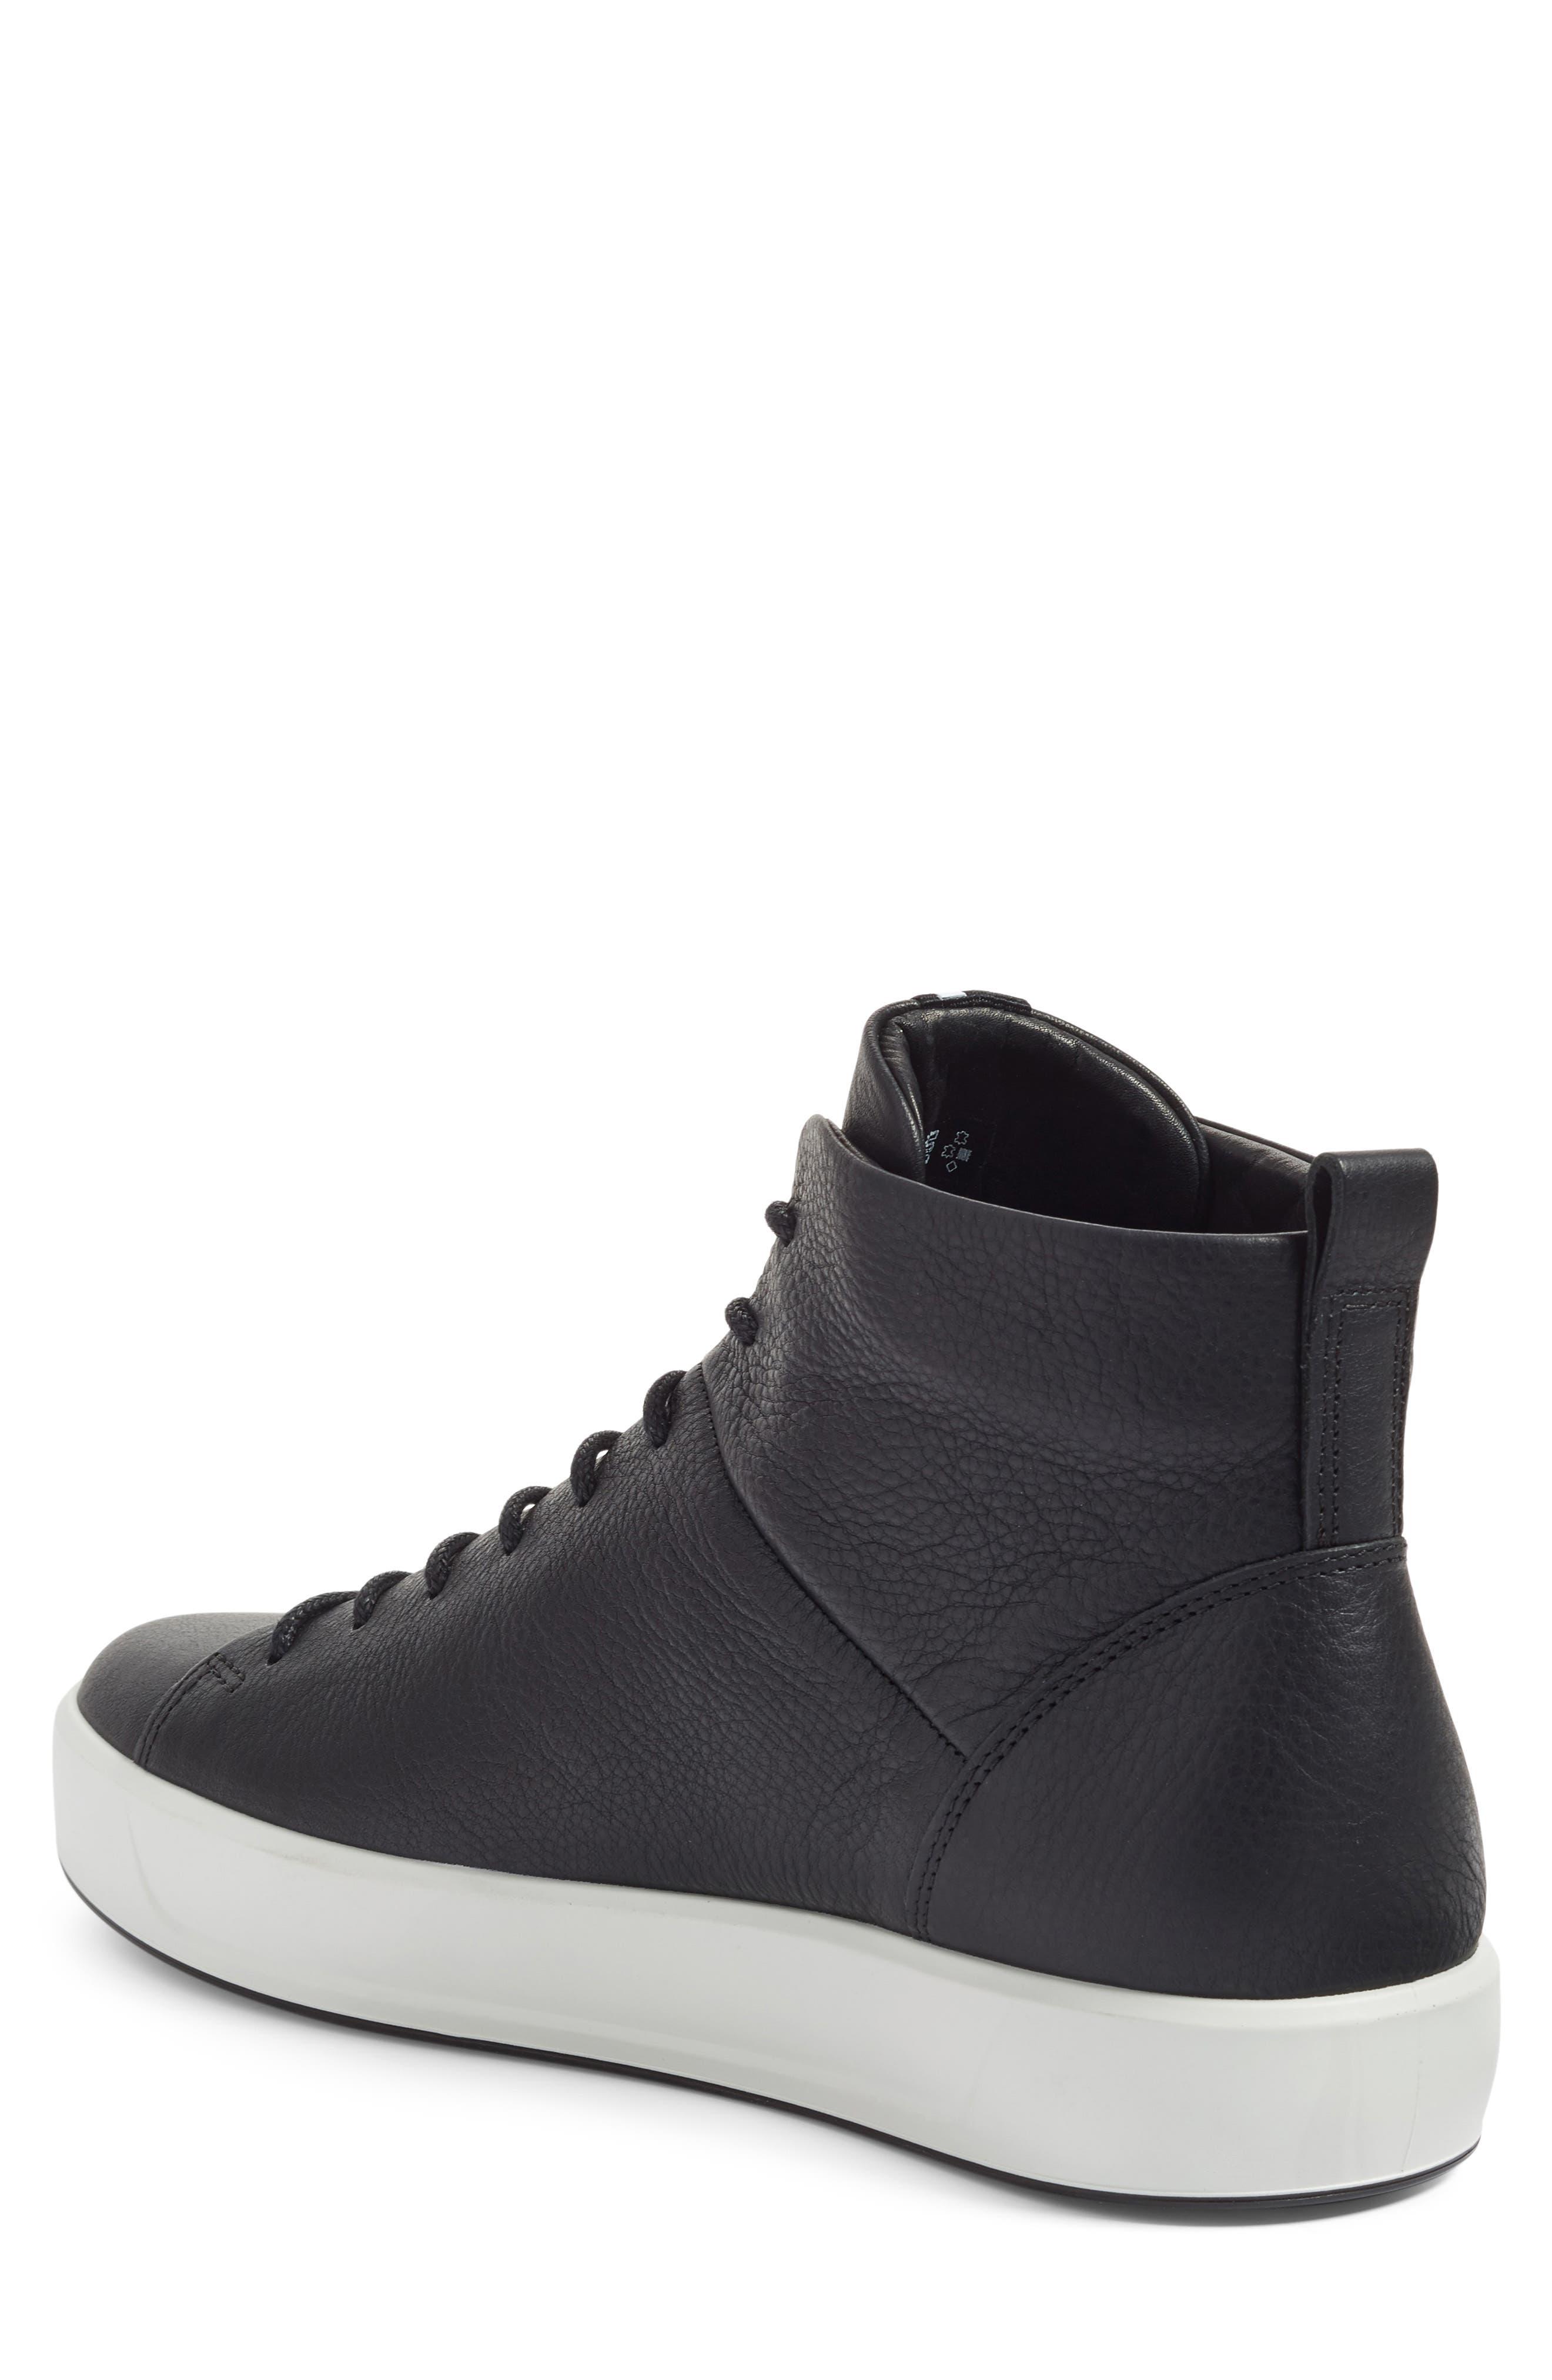 Soft 8 Sneaker,                             Alternate thumbnail 9, color,